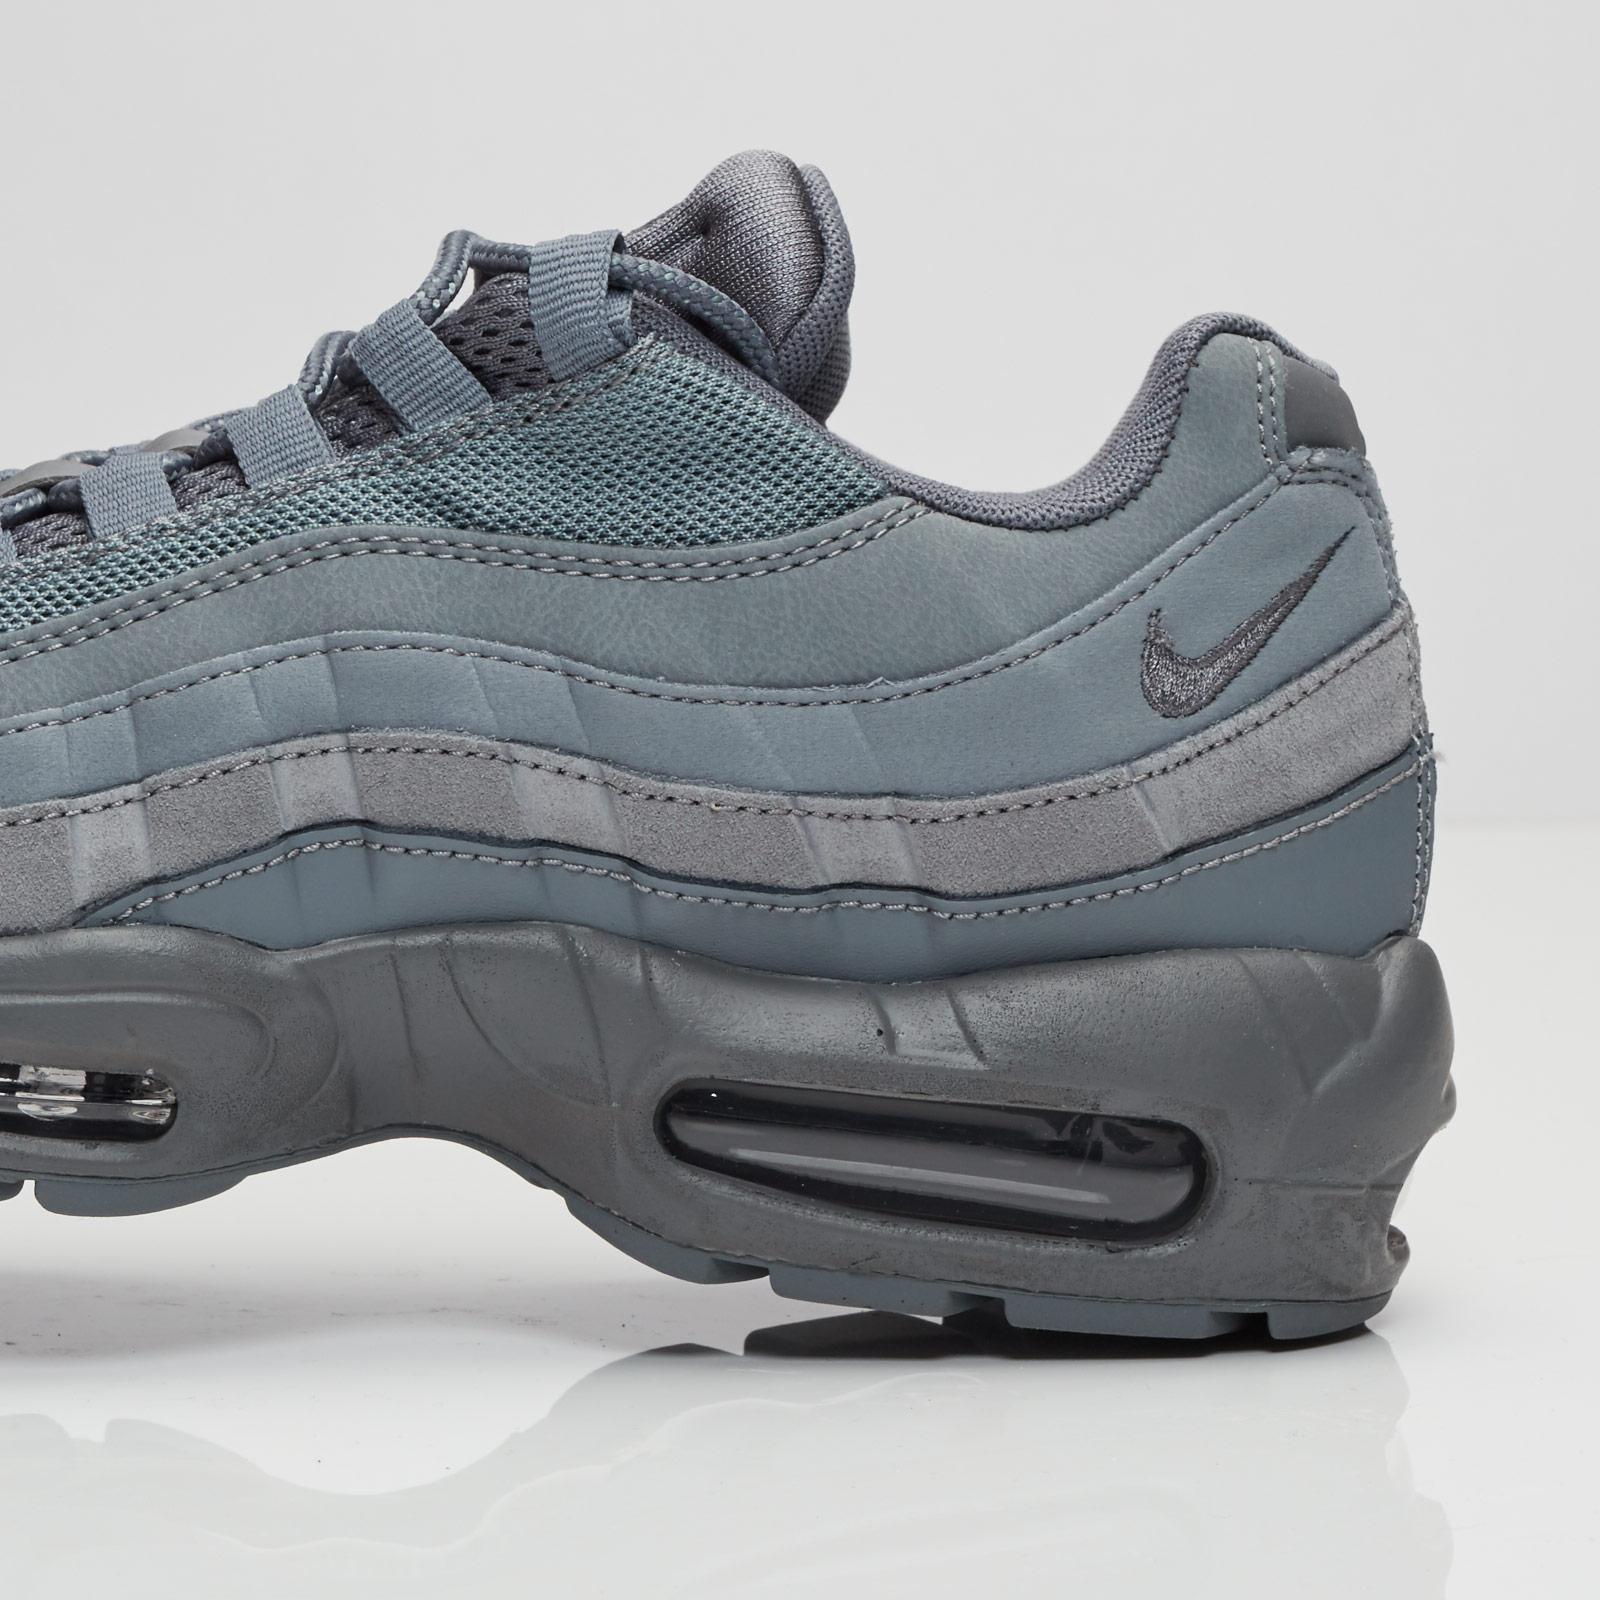 timeless design 50089 20eff Nike Air Max 95 Essential - 749766-012 - Sneakersnstuff   sneakers    streetwear online since 1999